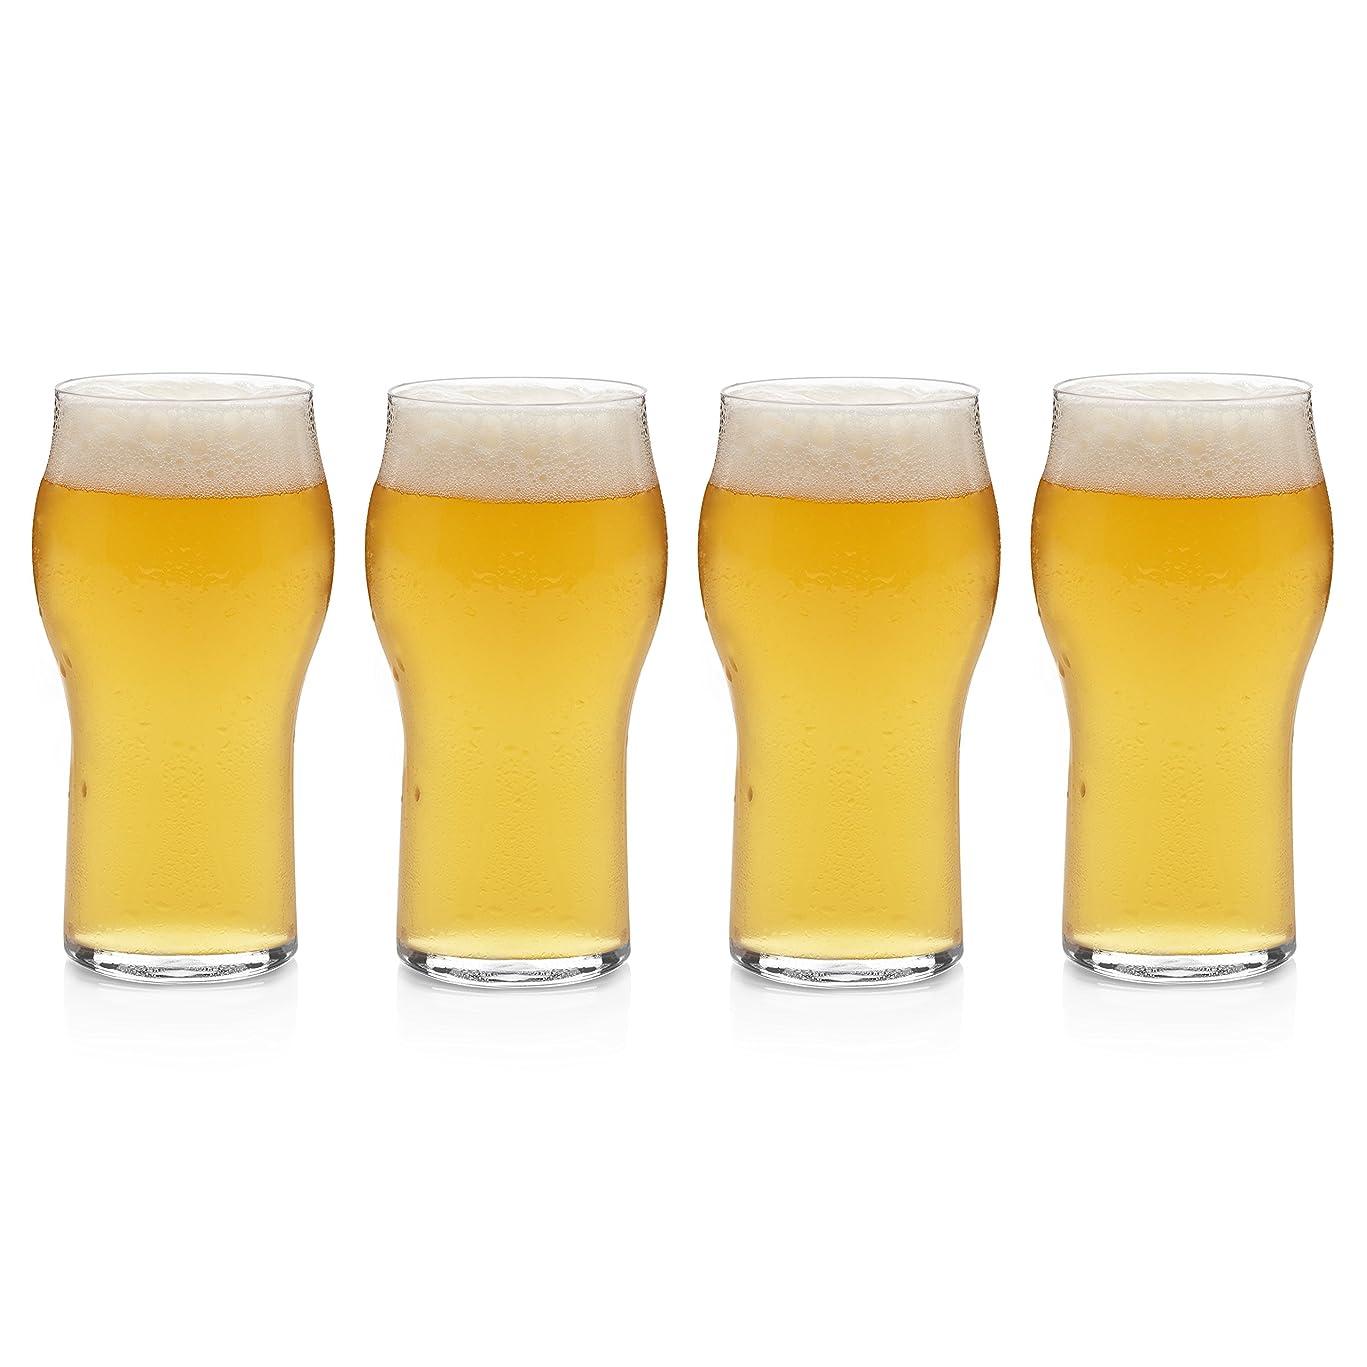 プロペラスキッパー十分なLibbey Urban Story 4ピーススタッカブルビールガラスセット